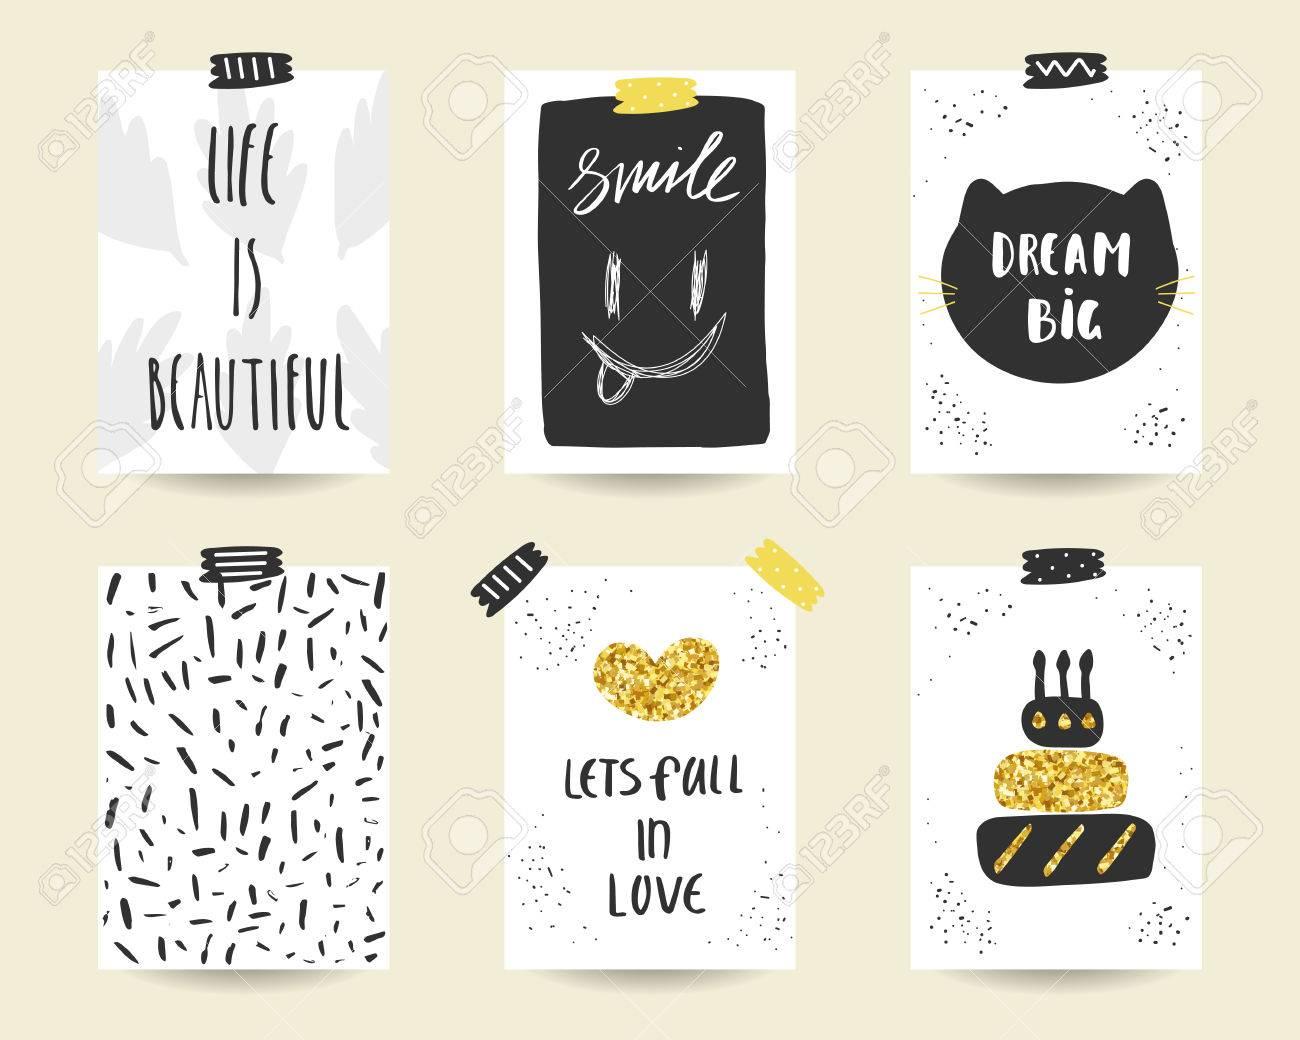 Joli Doodle Anniversaire Noir Et Or Fête Cartes De Douche De Bébé Brochures Invitations Avec Gâteau Coeur Chat Sourire Feuilles